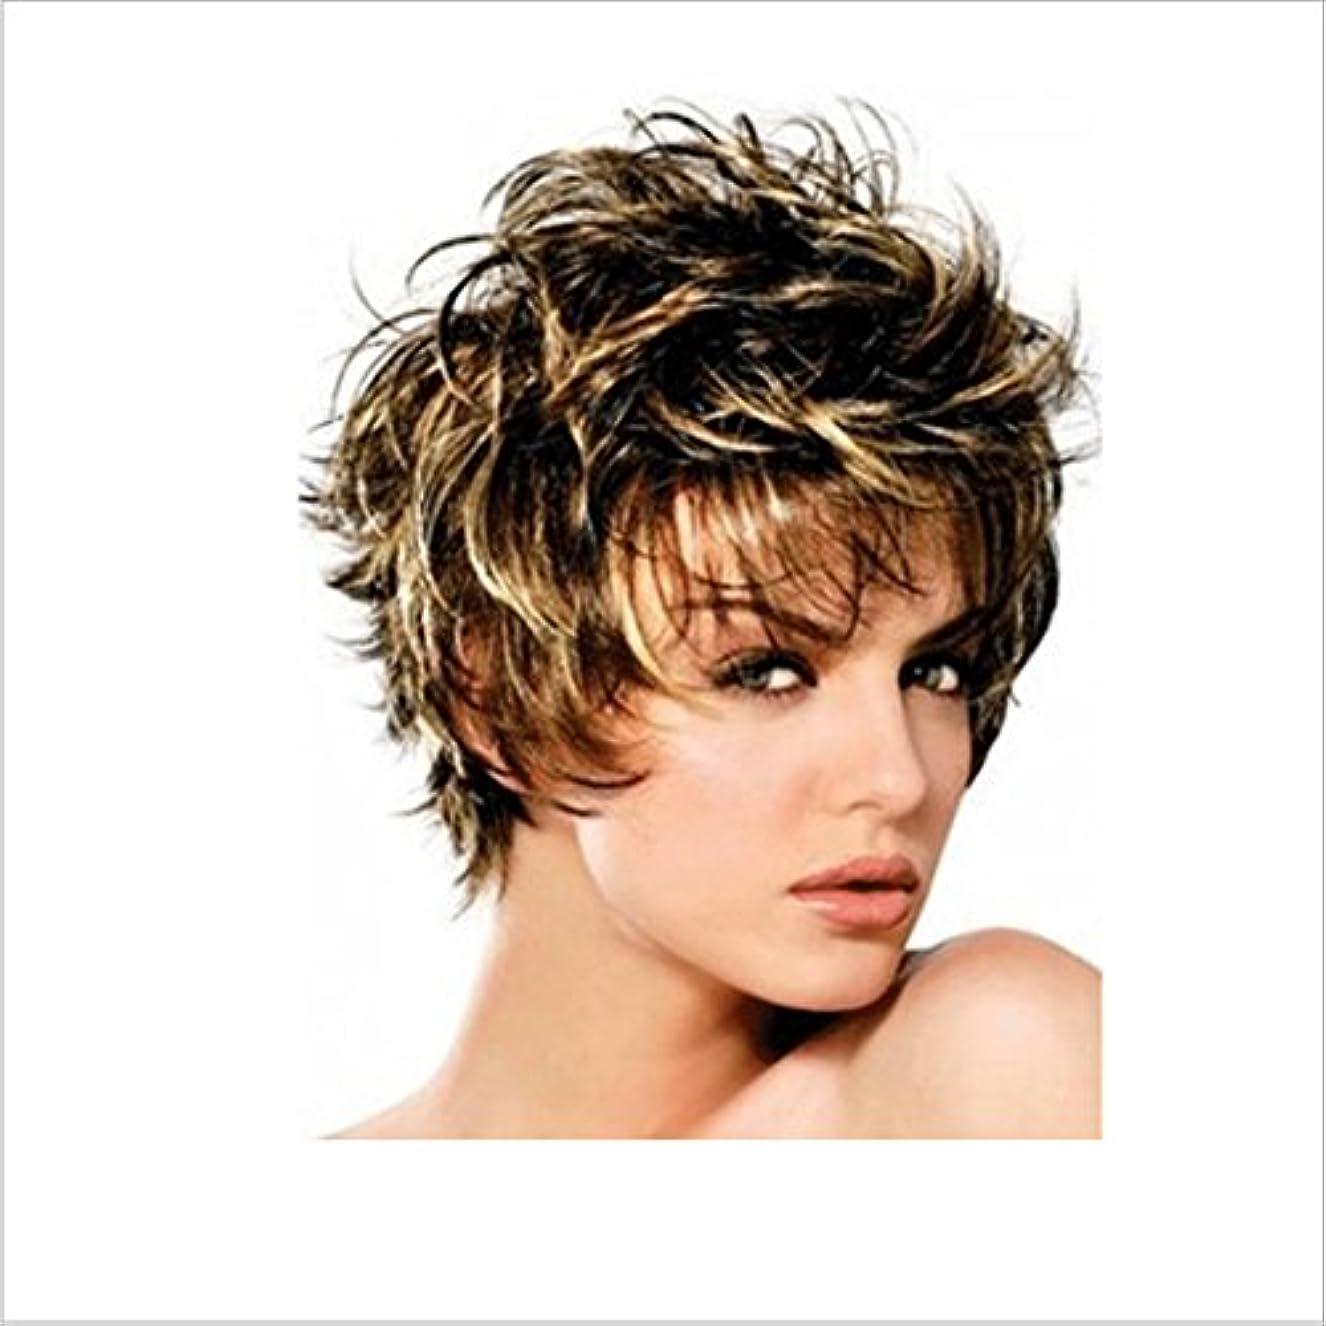 フォーマット記念碑床かつら ボボかつら女性用耐熱ウィッグ12インチ/ 9インチ短いテクスチャ部分的なかつら部分的なかつら前髪かつらファッションかつら (色 : Inter-color gold brown silver)